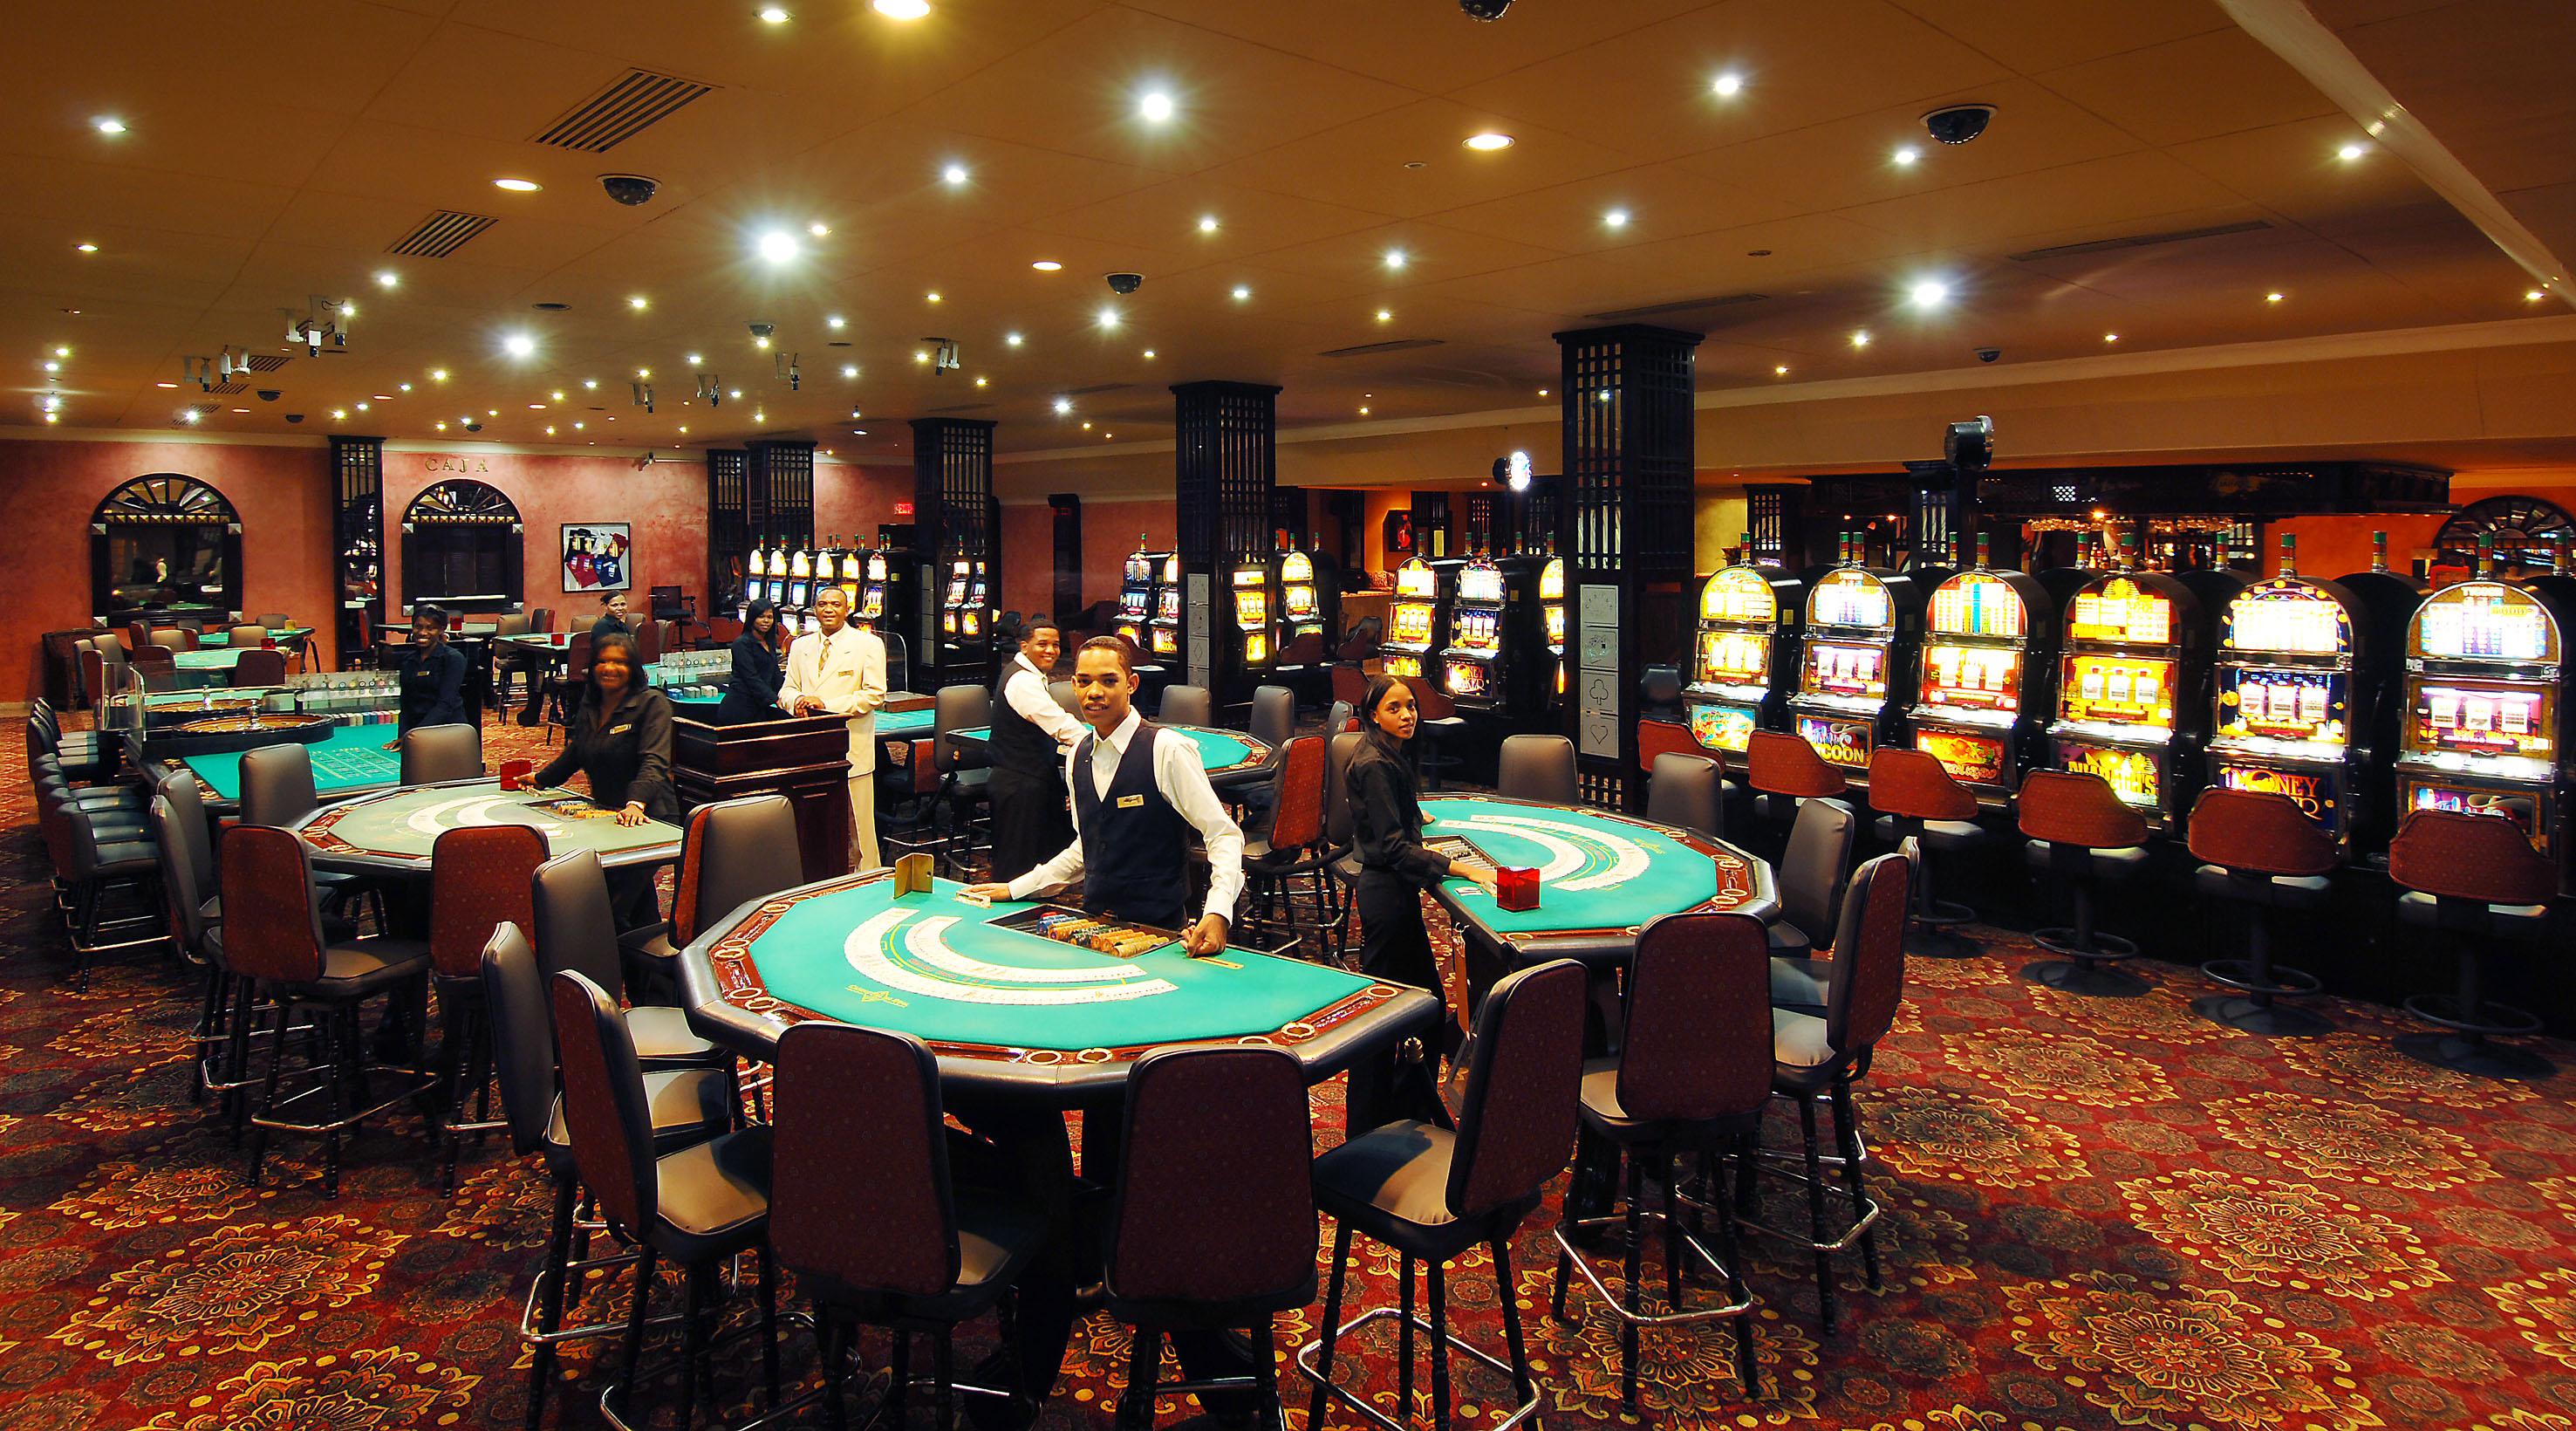 фото Доминиканы отелях казино в